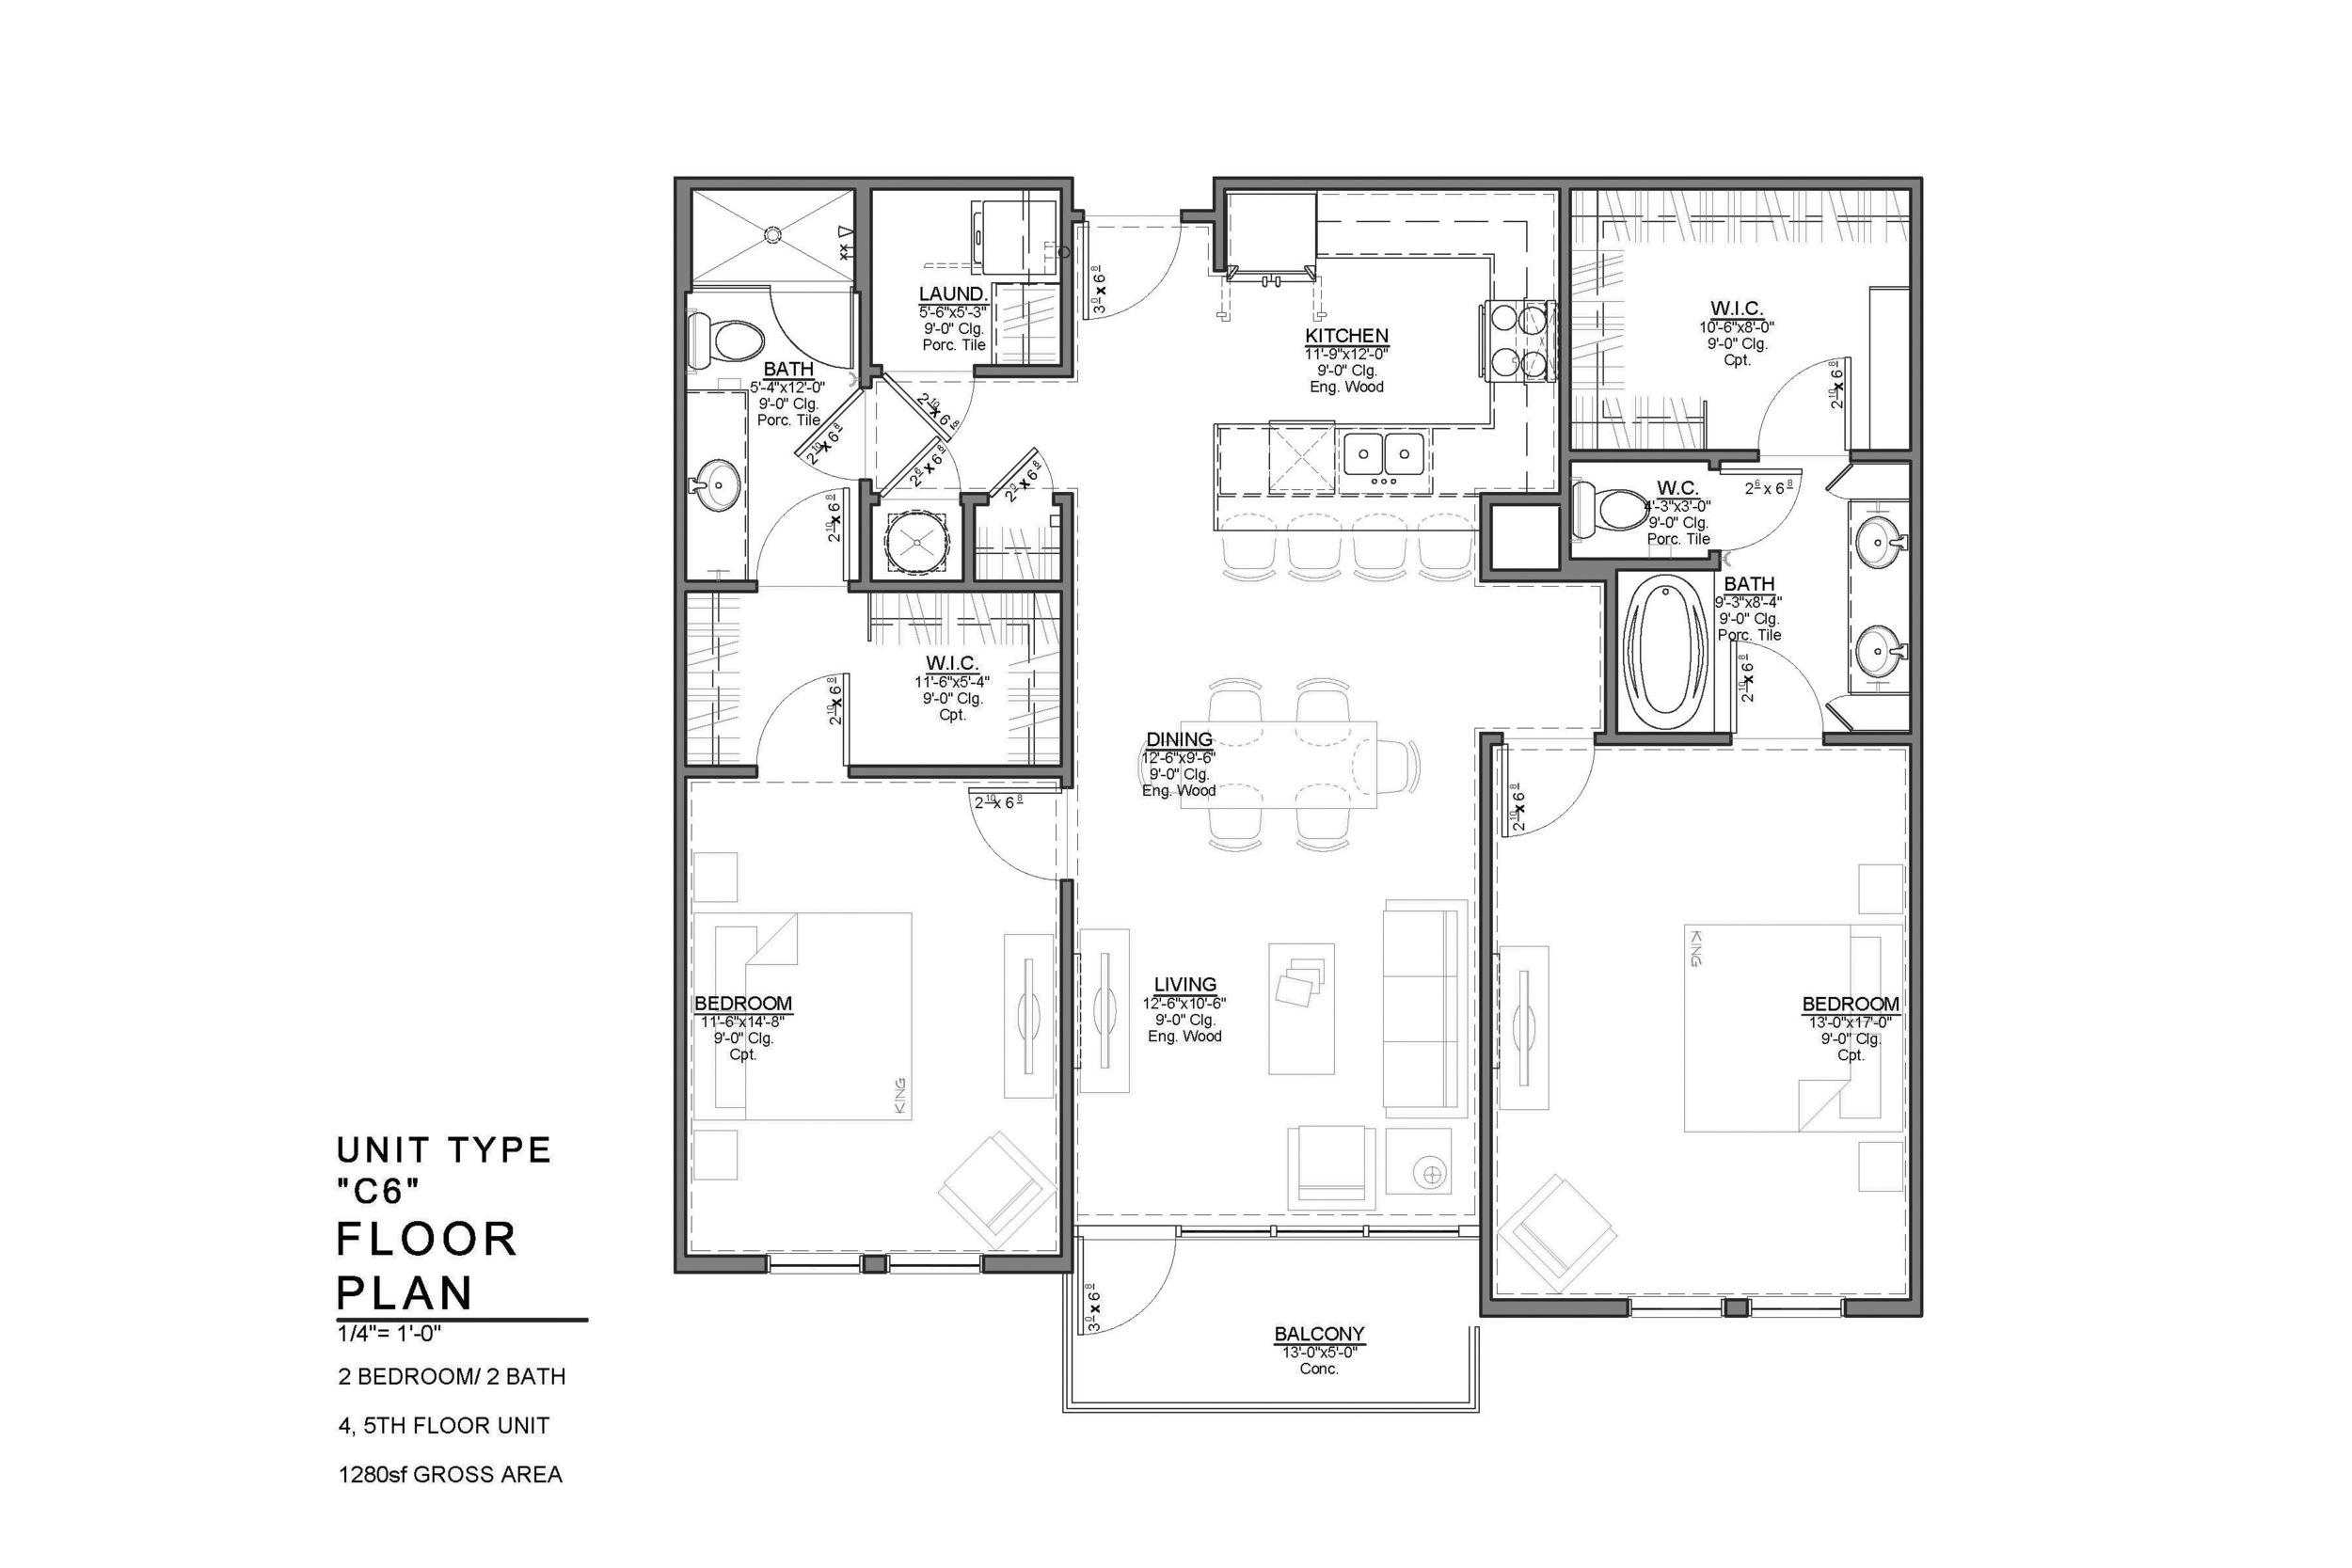 C6 FLOOR PLAN: 2 BEDROOM / 2 BATH